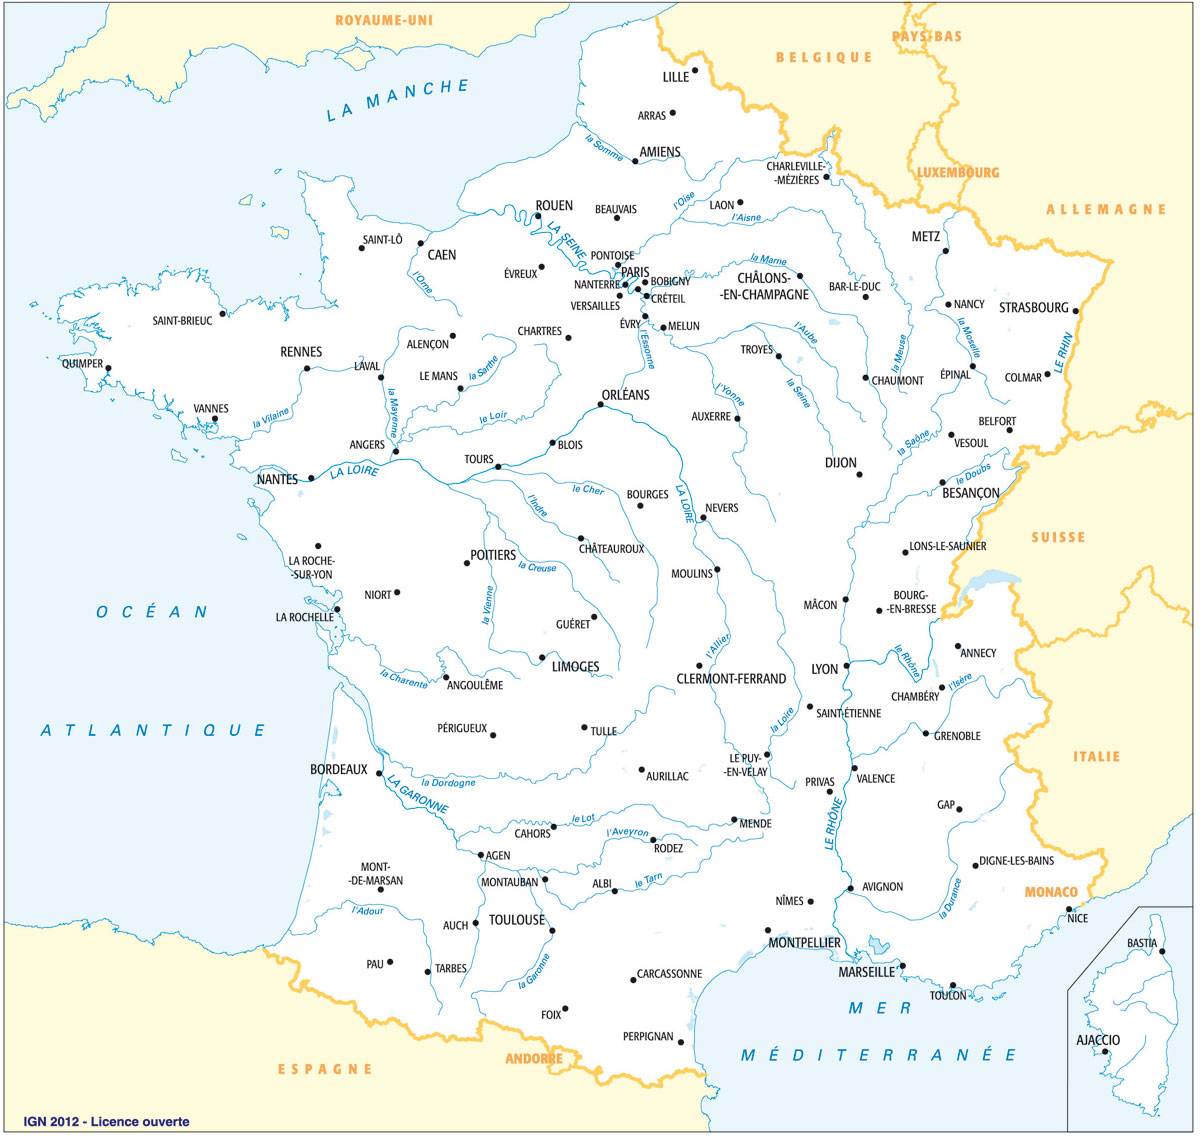 Fonds De Cartes | Éducation dedans Fond De Carte France Vierge